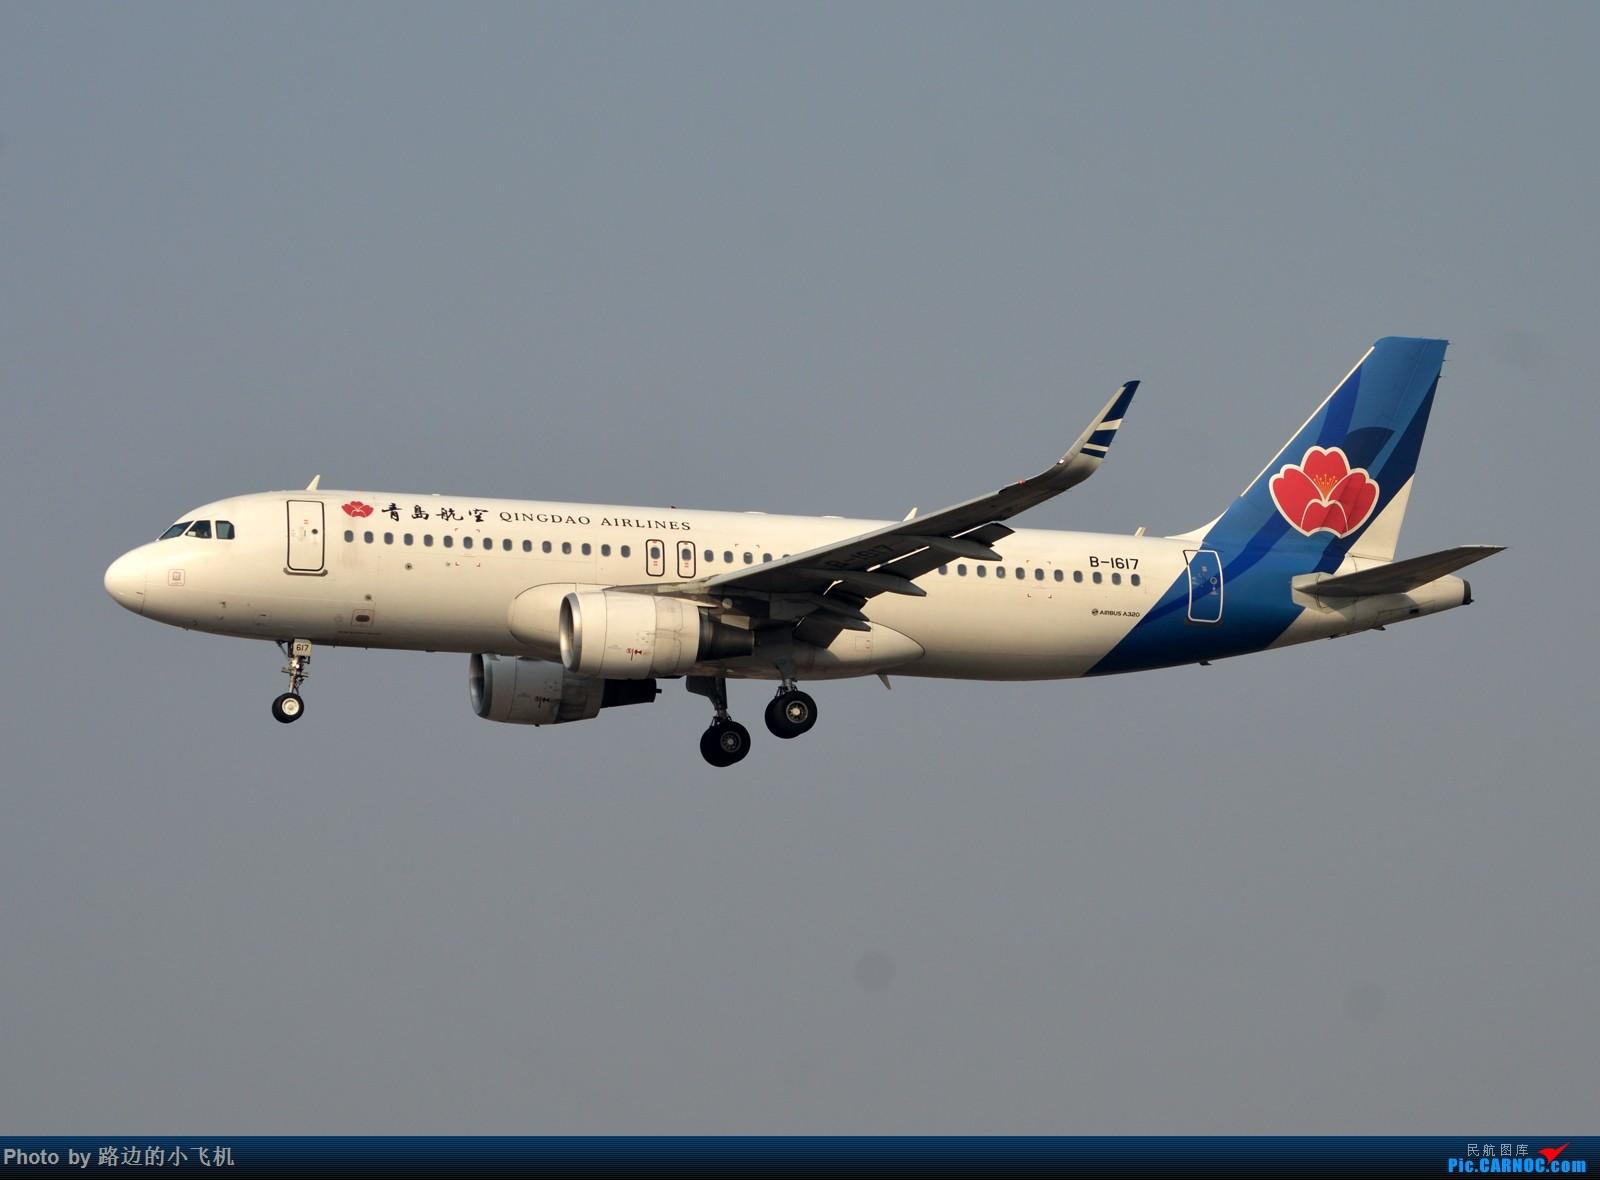 Re:[原创]【DLC】个人向一二月不定期拍机集锦 AIRBUS A320-200 B-1617 大连周水子国际机场